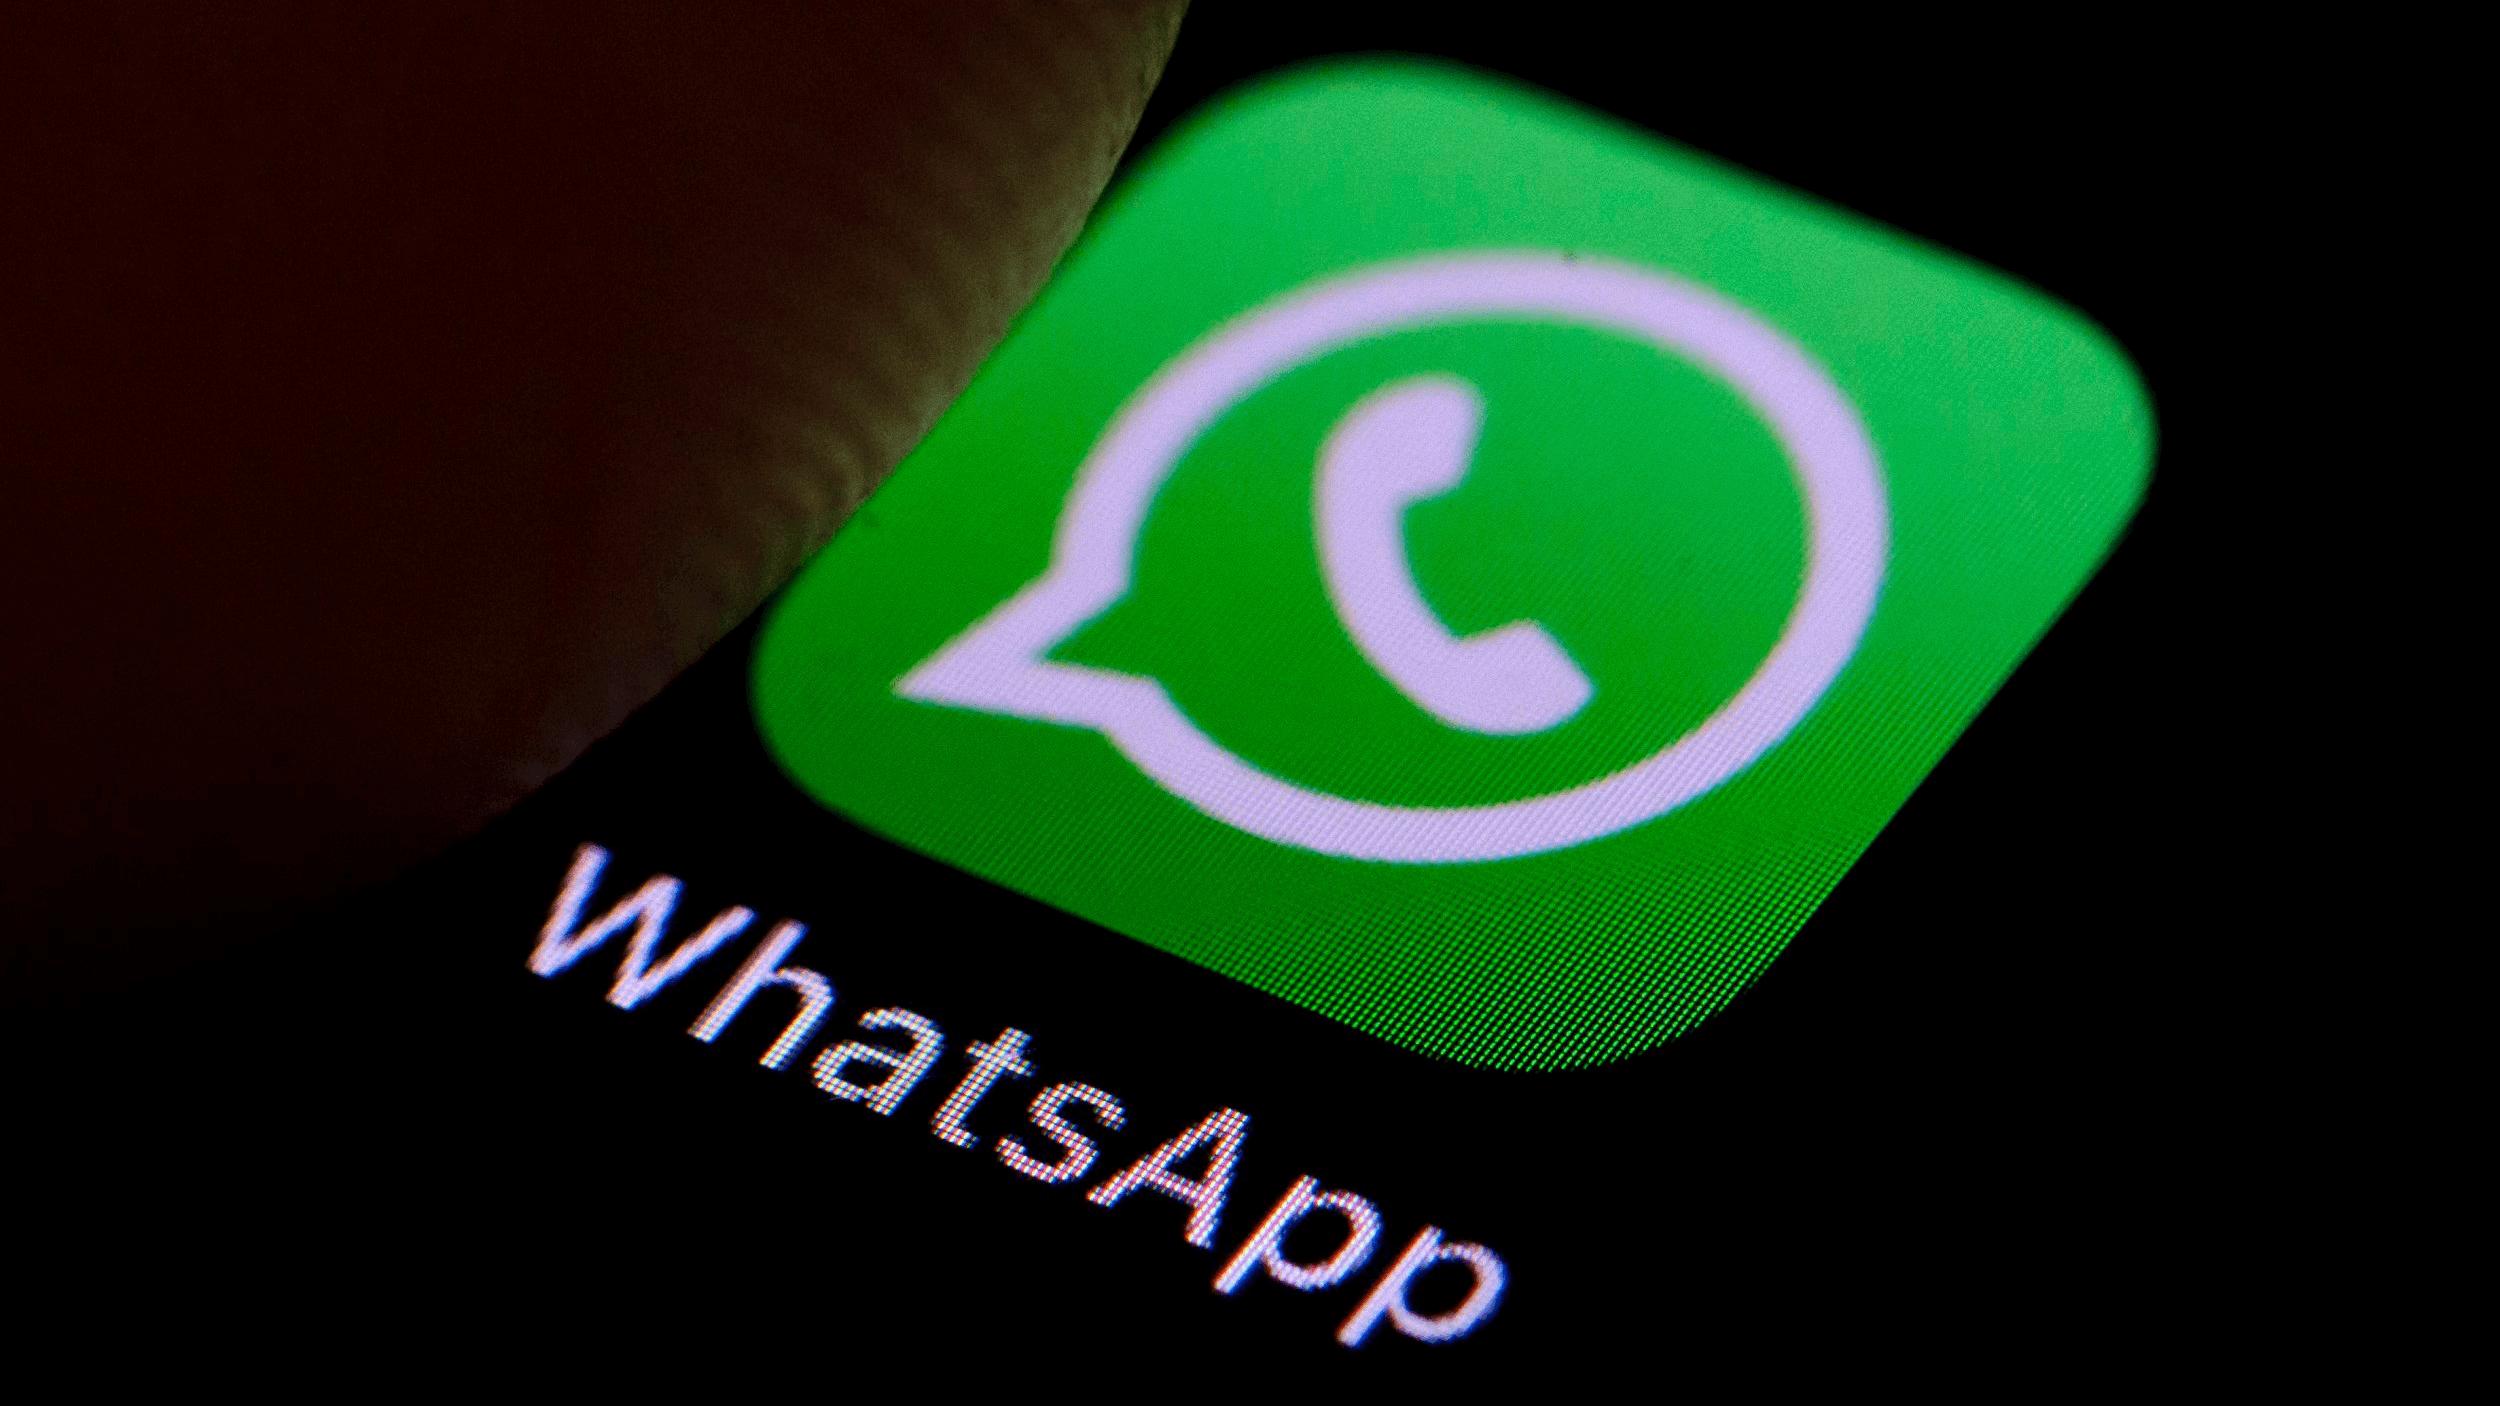 WhatsApp GB pro v9.00 APK baixar grátis última versão 2020 ...